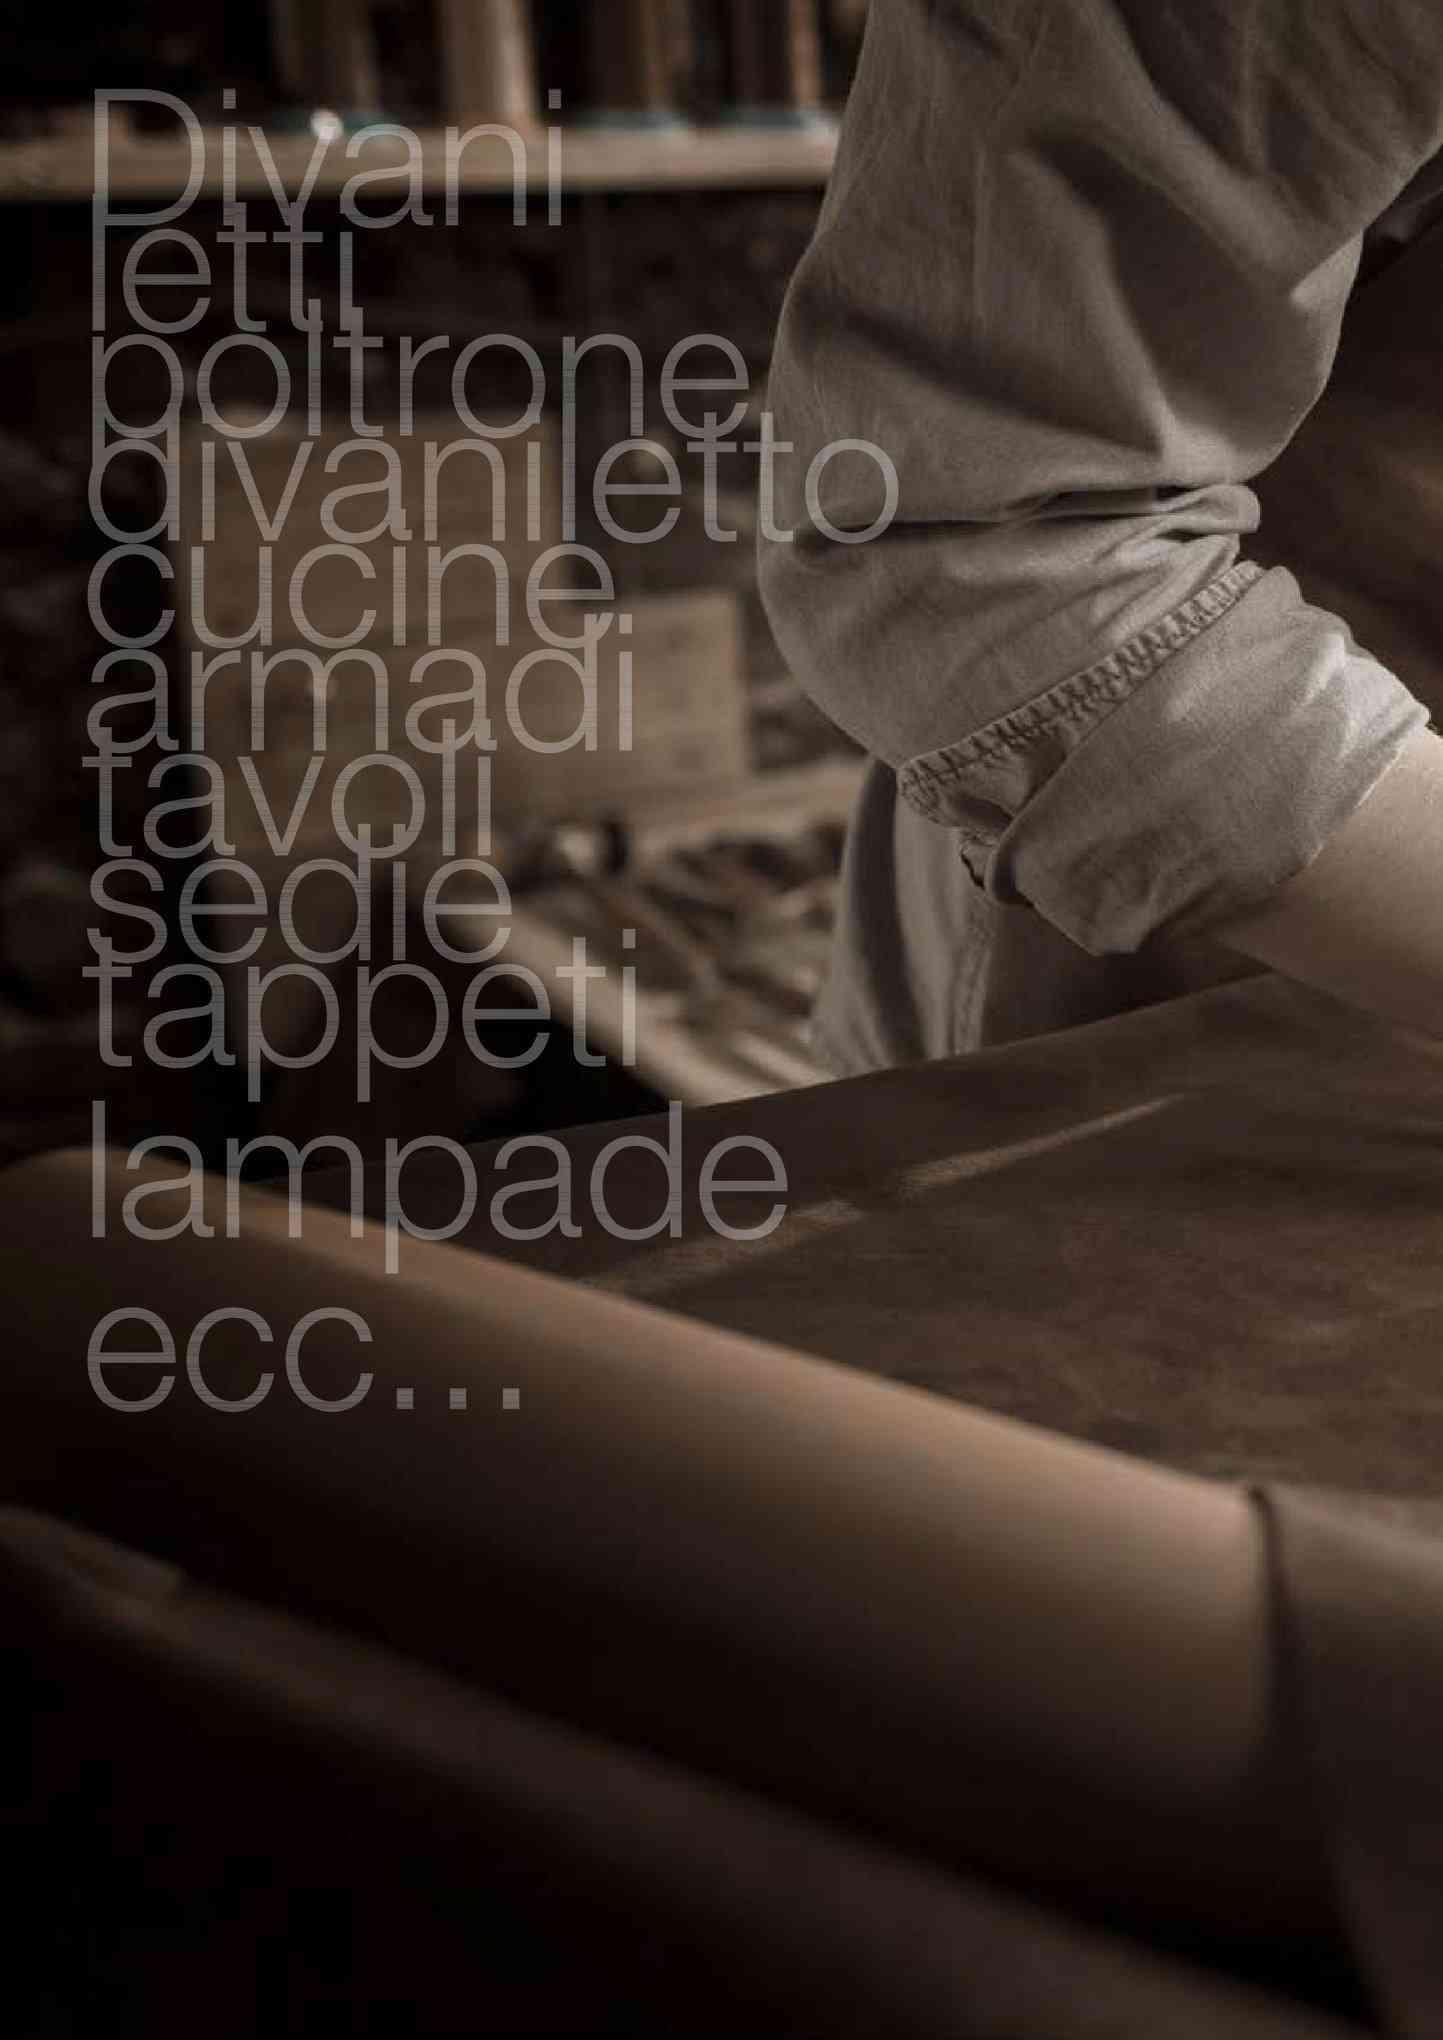 Offerte Tavolo cucina a Roma, negozi per arredare casa